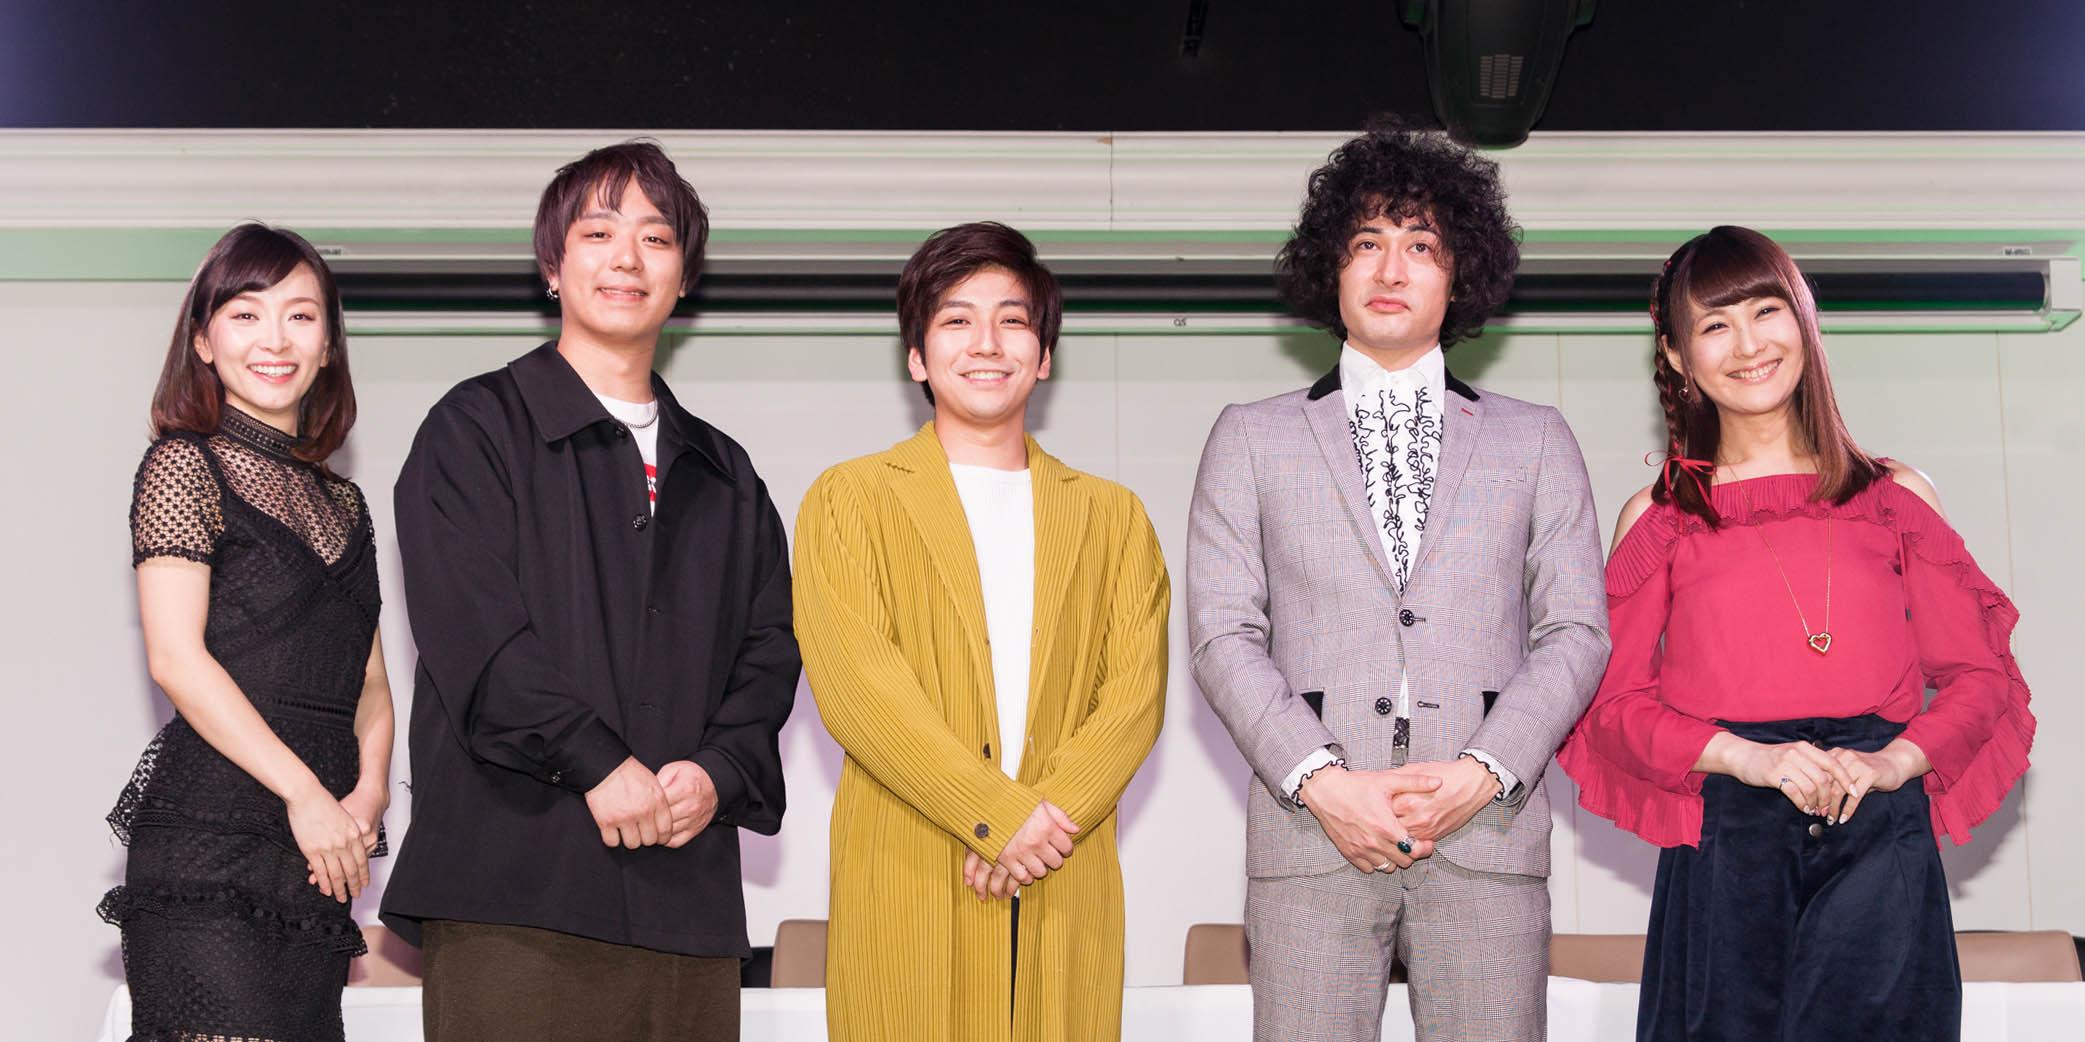 カリブラ、佐々木あさひが総合司会に 急成長する次世代型イベント「モテワンコンテスト」とはなにか?